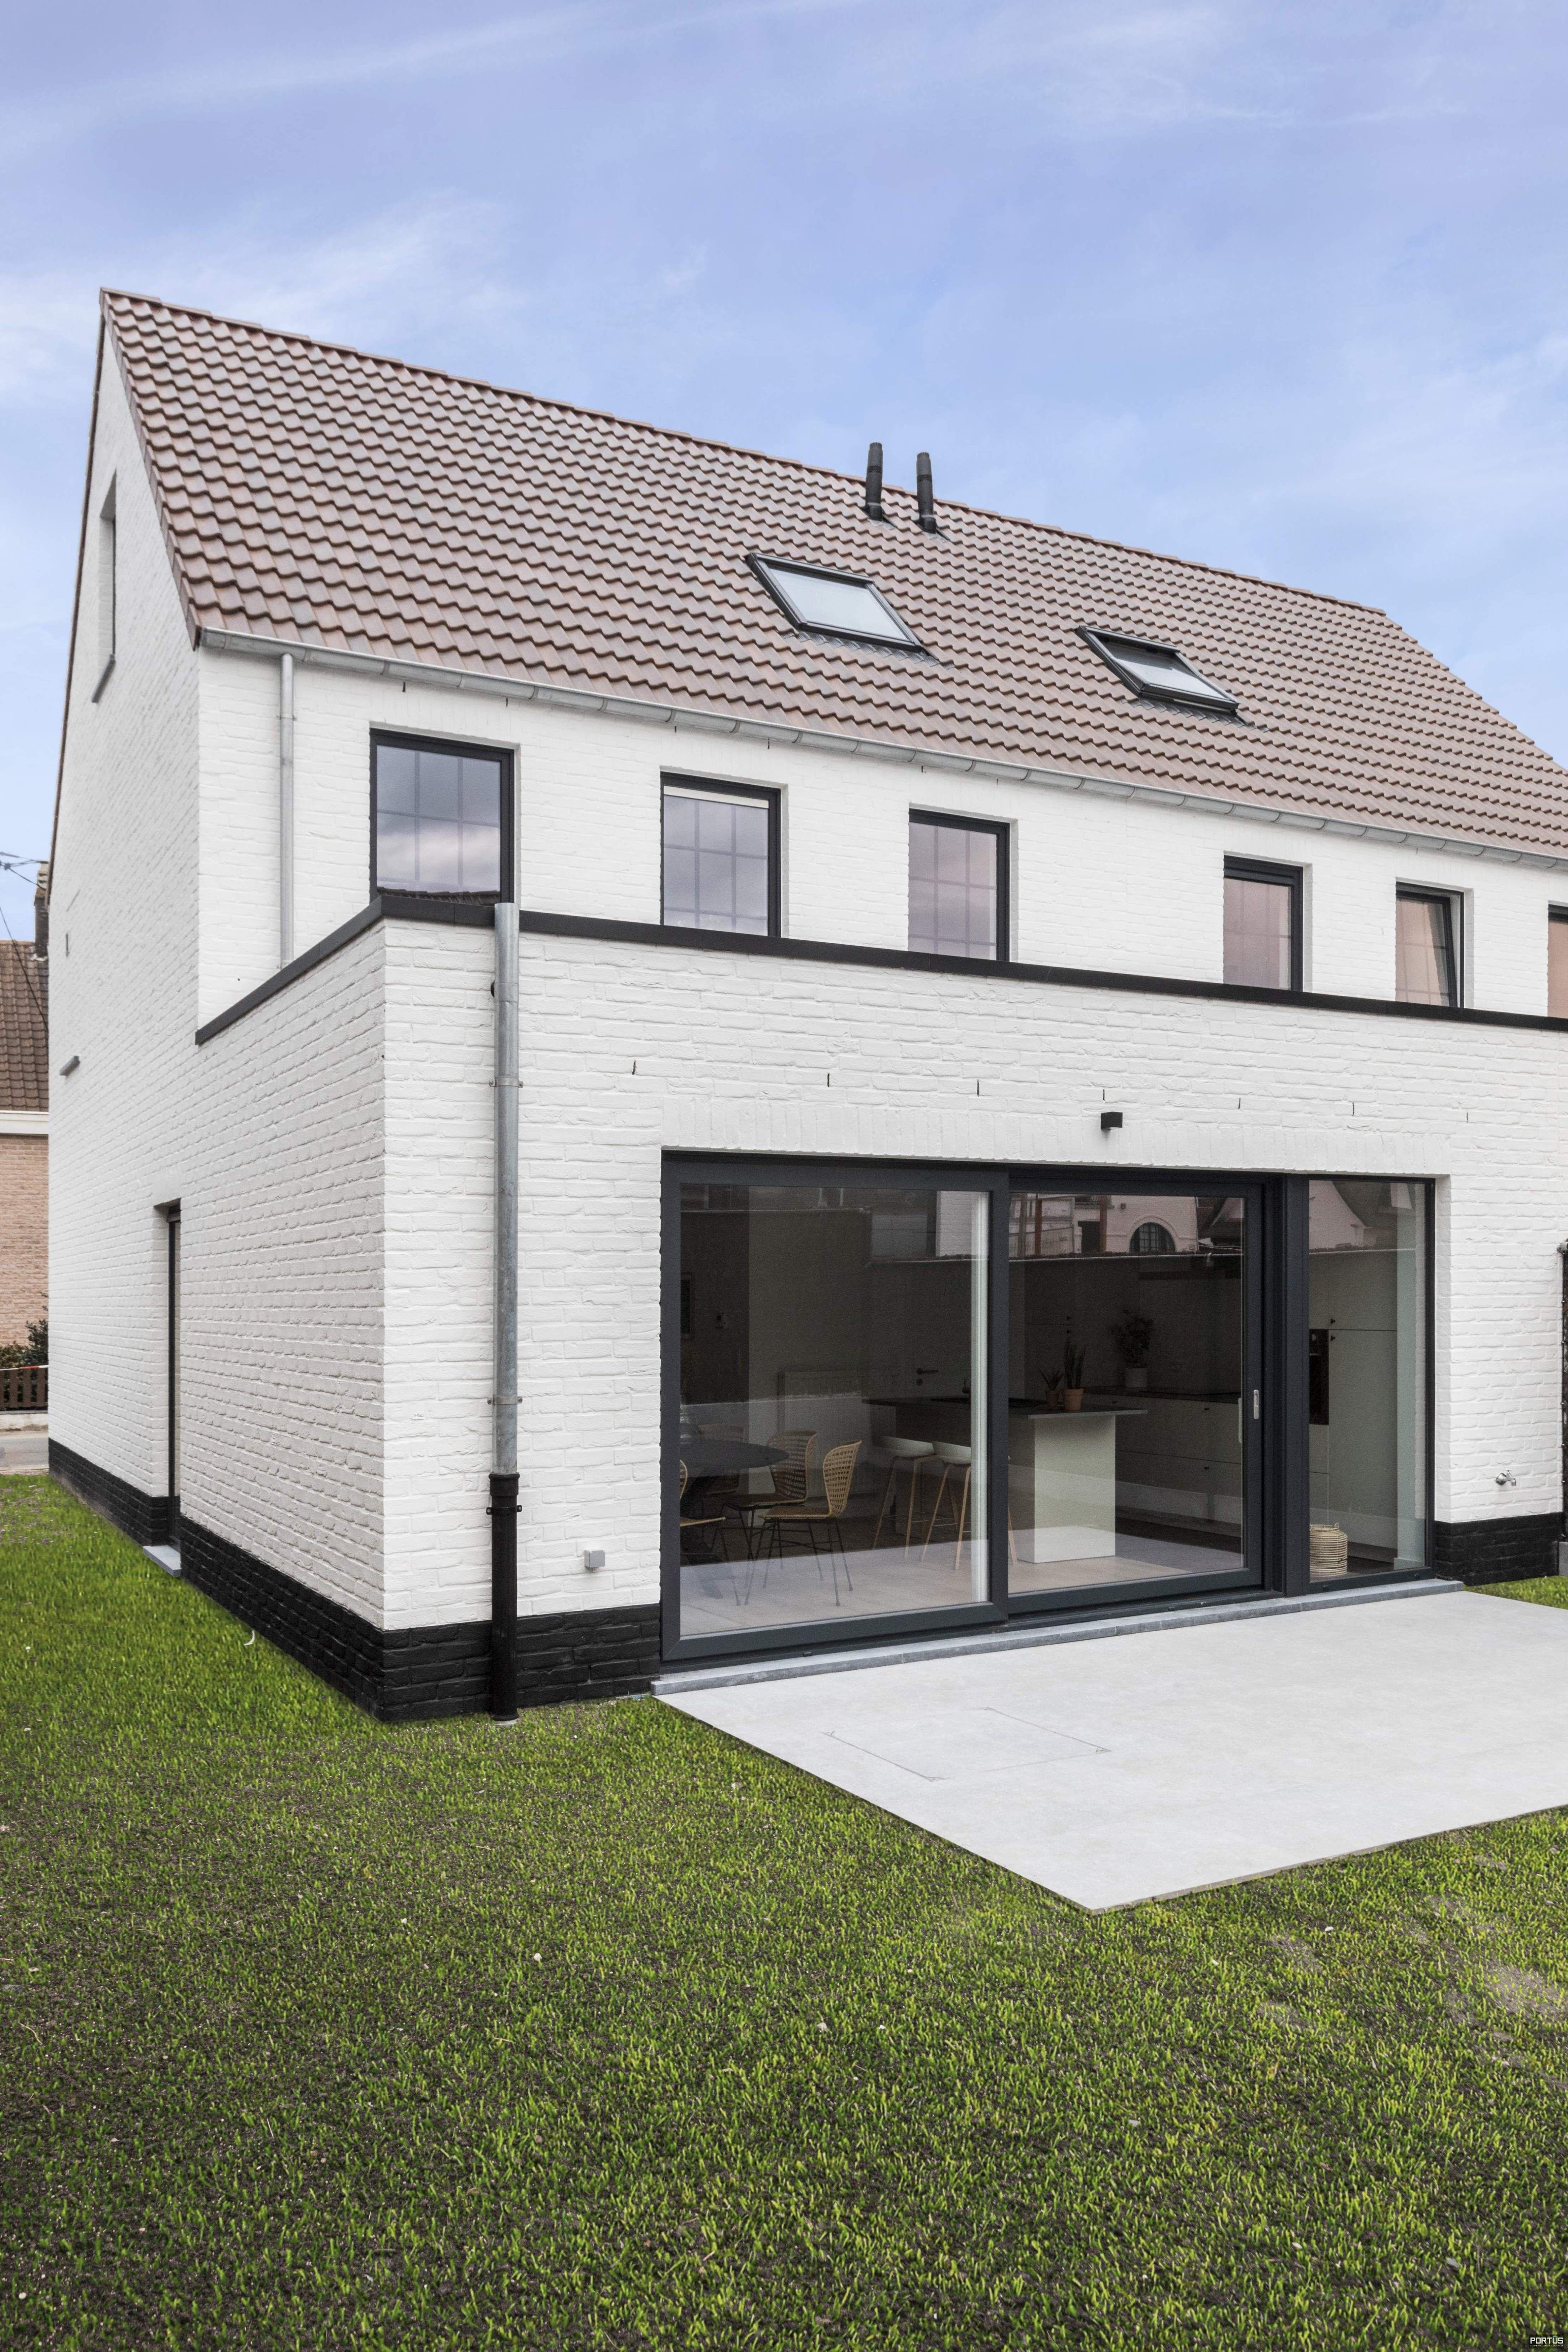 Nieuwbouwwoning met 4 slaapkamers te koop te Lombardsijde - 11832